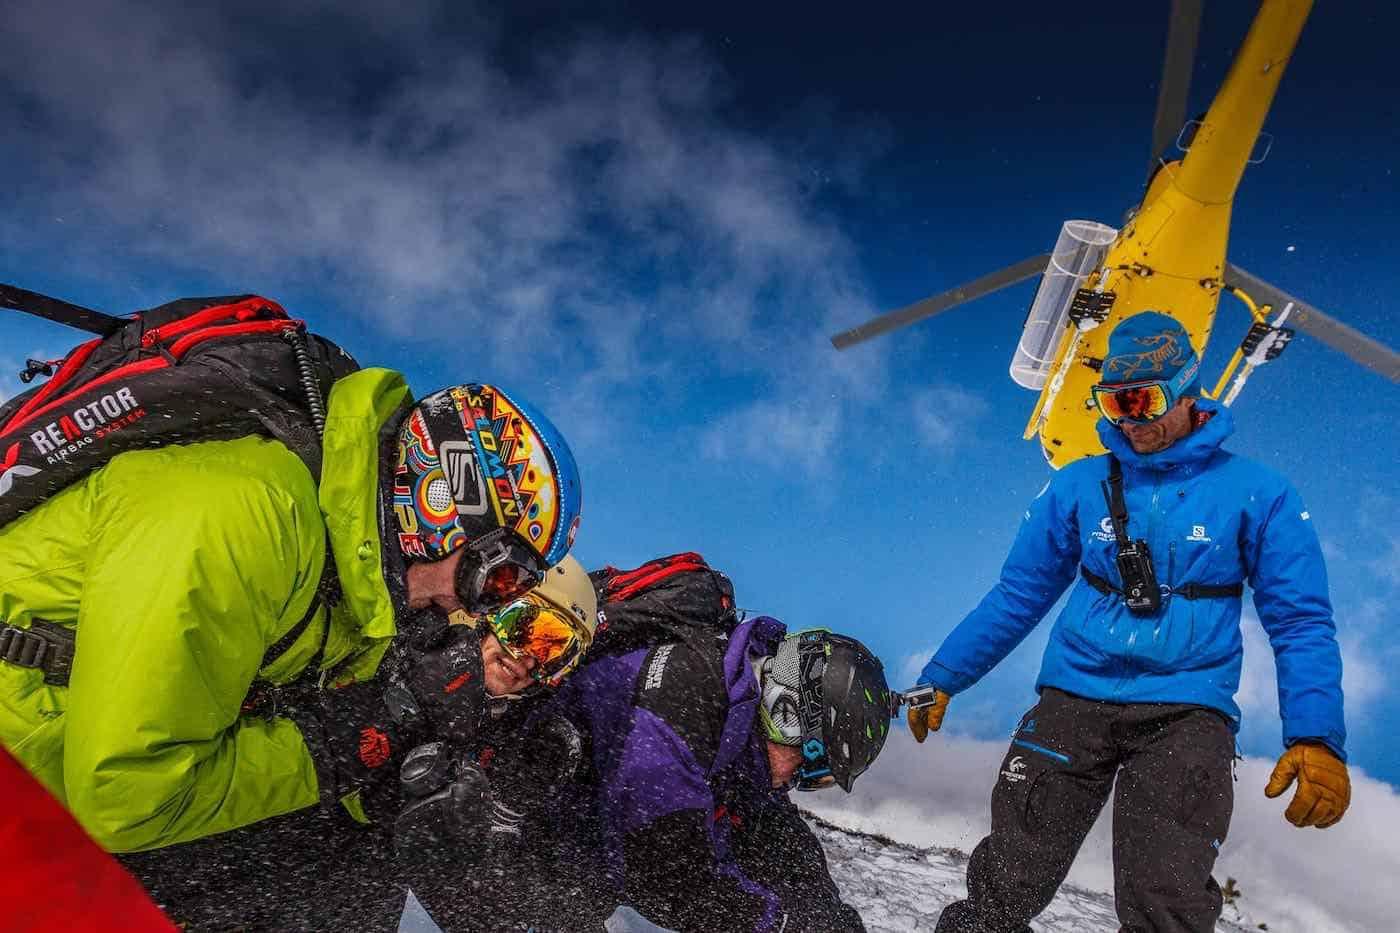 Rafaelhoteles by La Pleta inaugura temporada de esquí con un paquete diseñado para disfrutar de la nieve a todo lujo